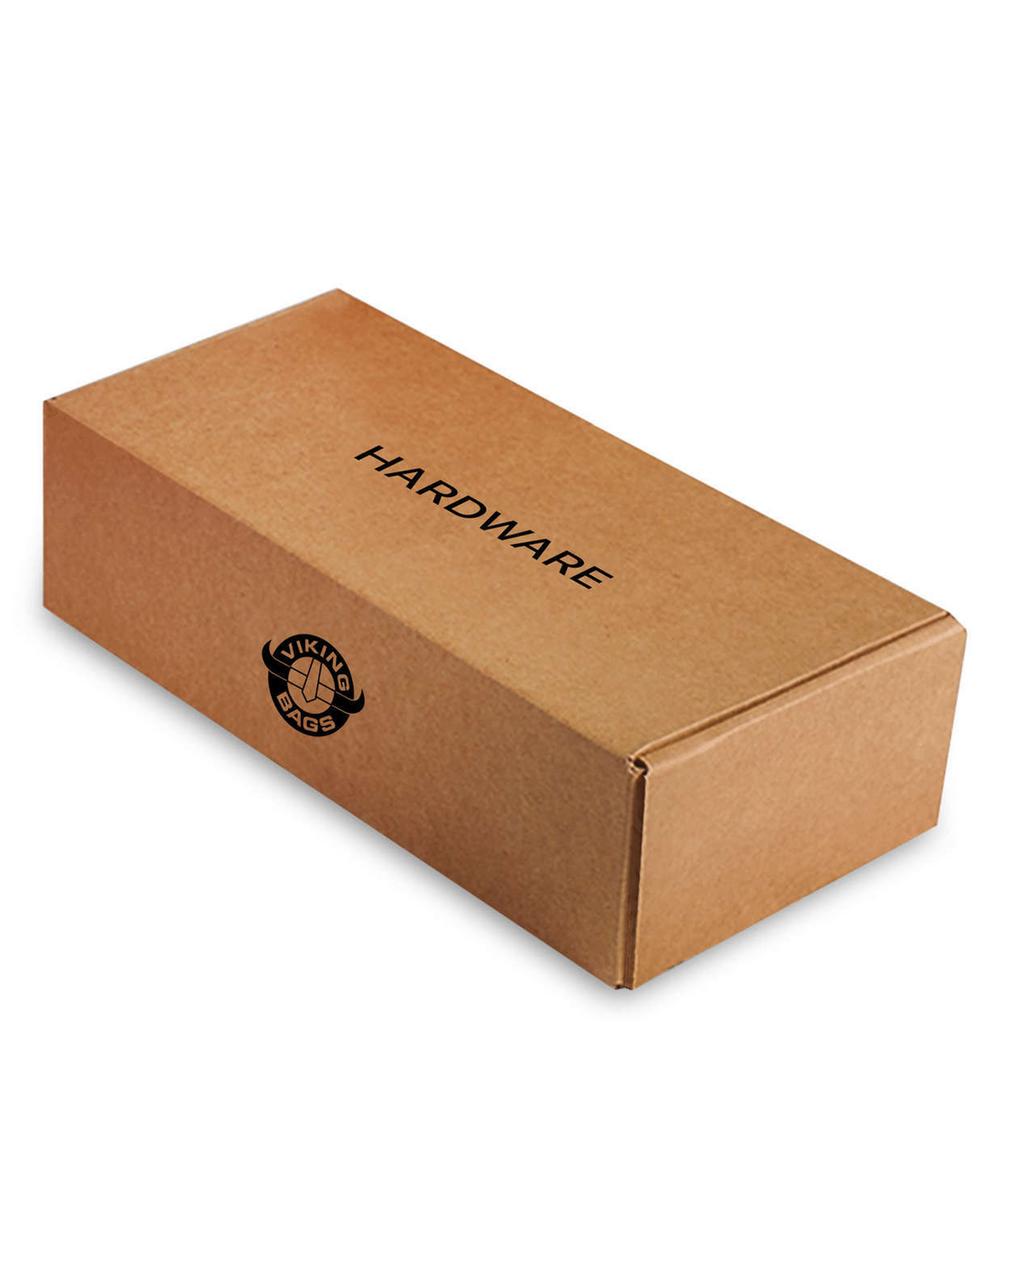 Honda Rebel 500 Spear Shock Cutout Motorcycle Saddlebags Hardware Box